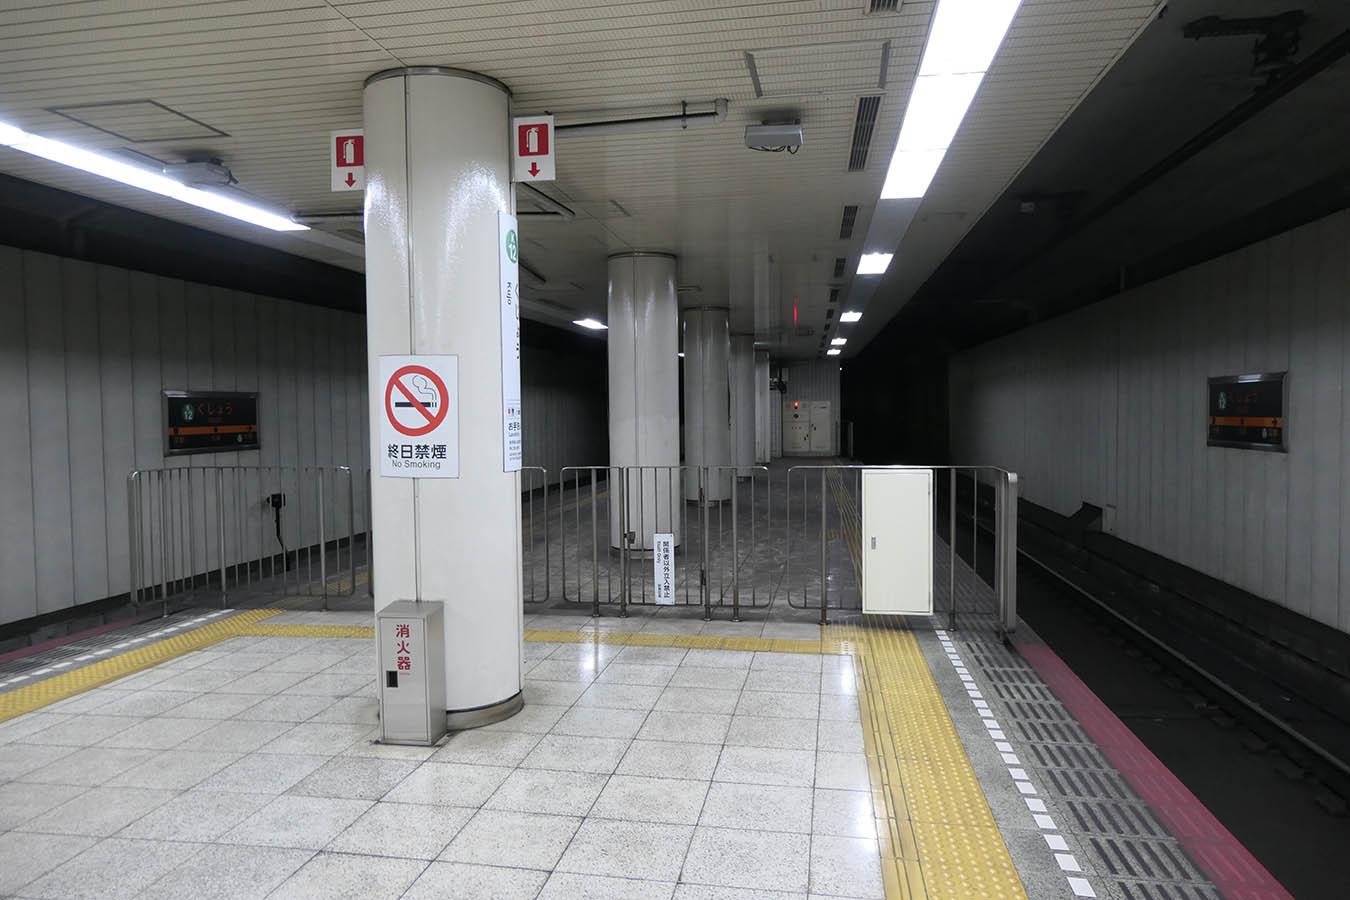 K12_photo04.jpg